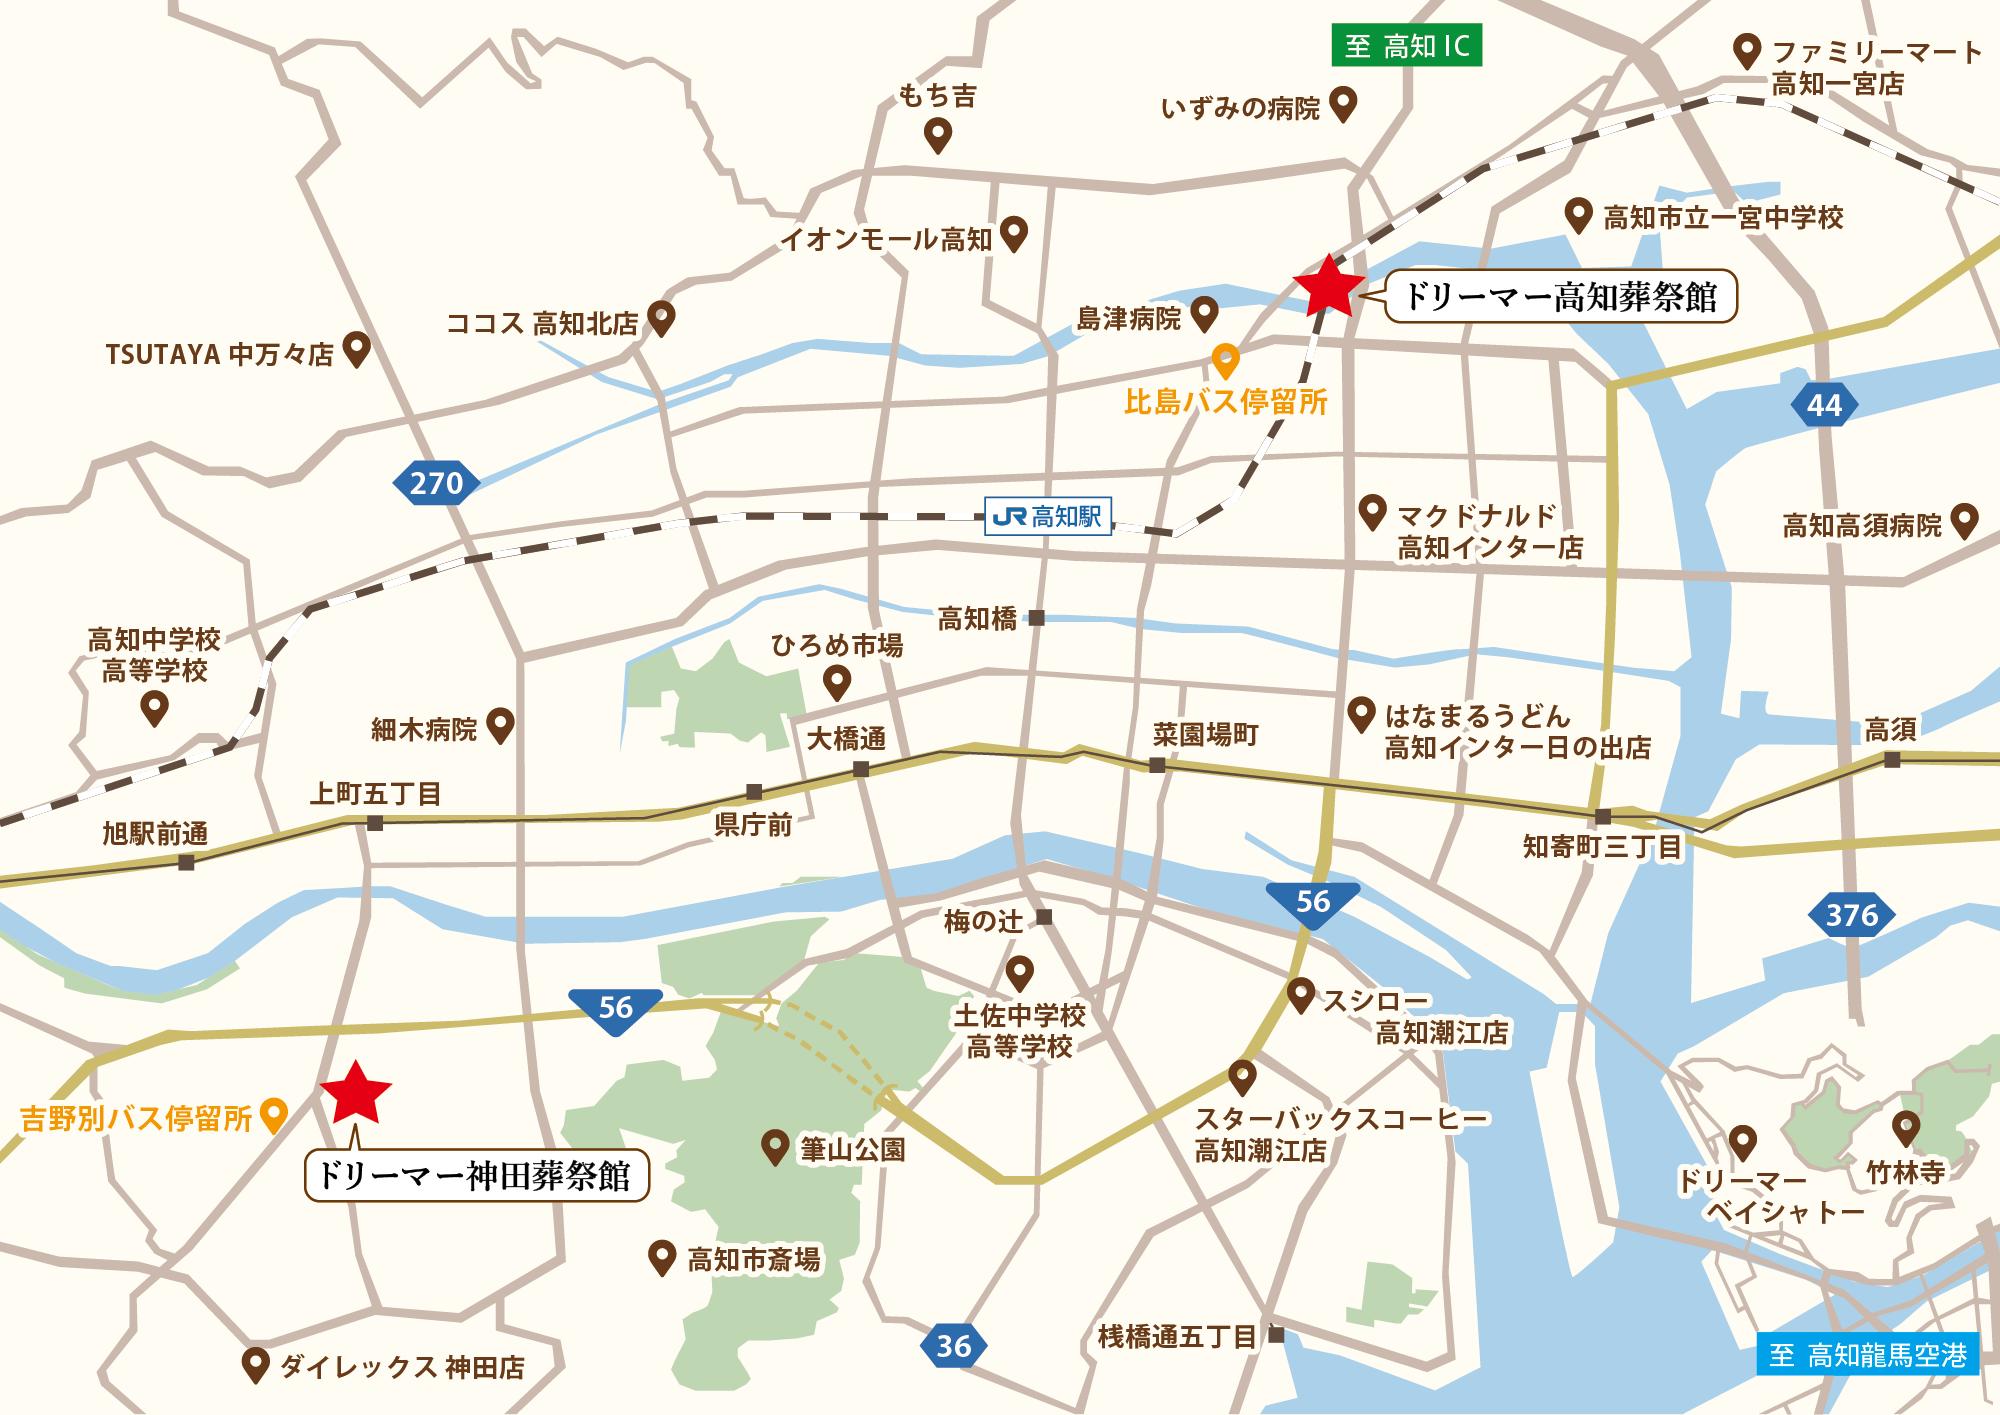 高知市周辺地図